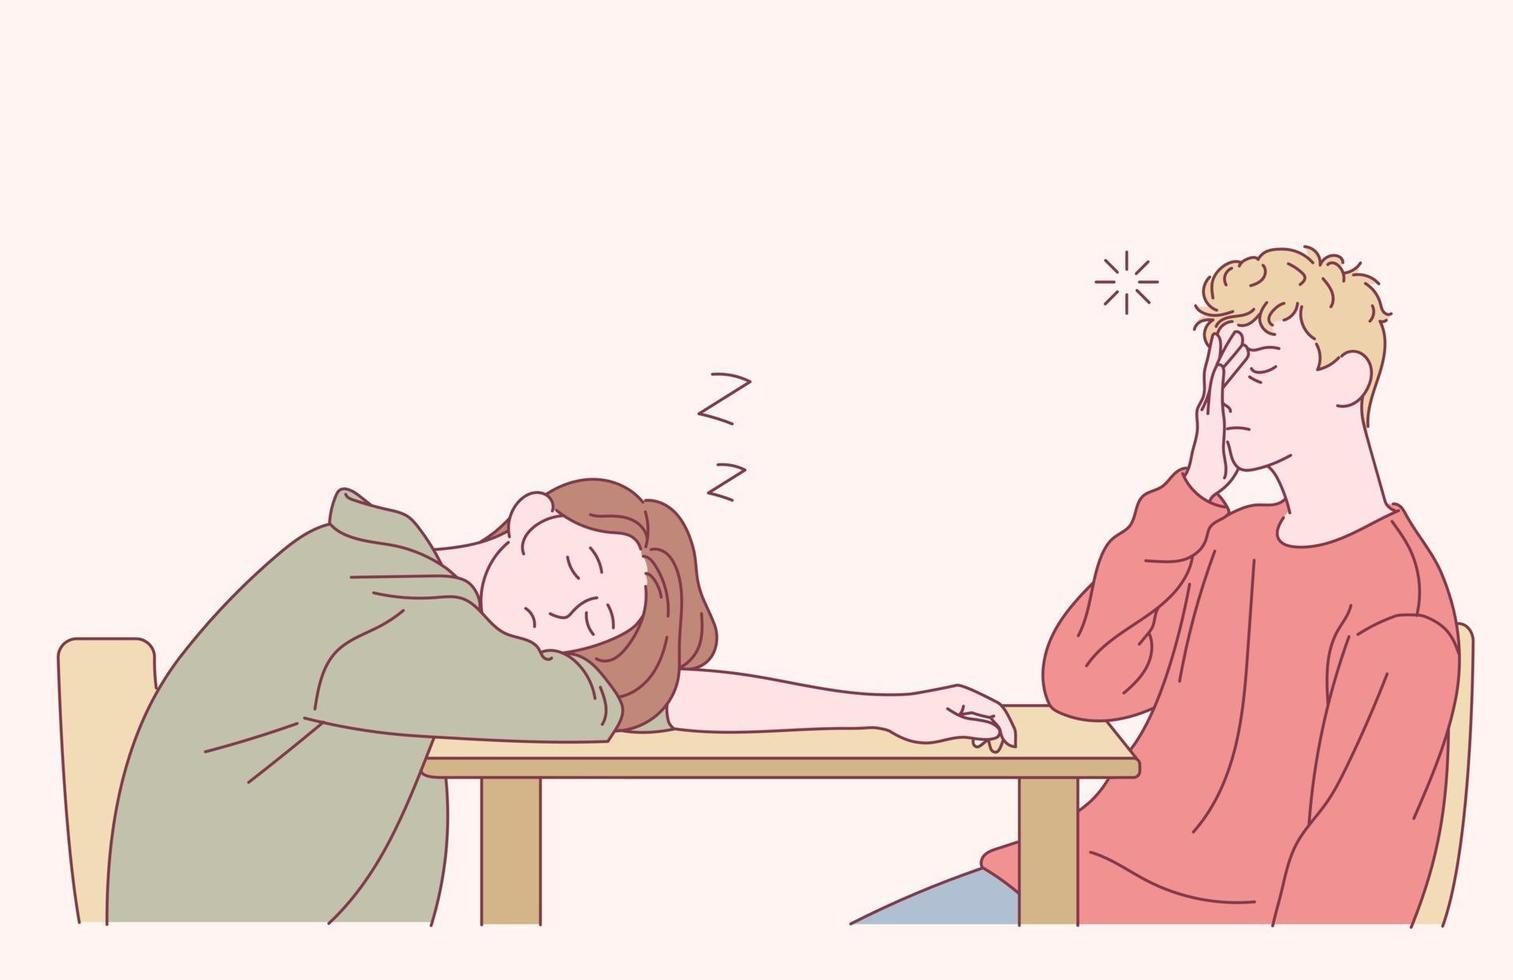 een man en een vrouw slapen aan de tafel. hand getrokken stijl vector ontwerp illustraties.